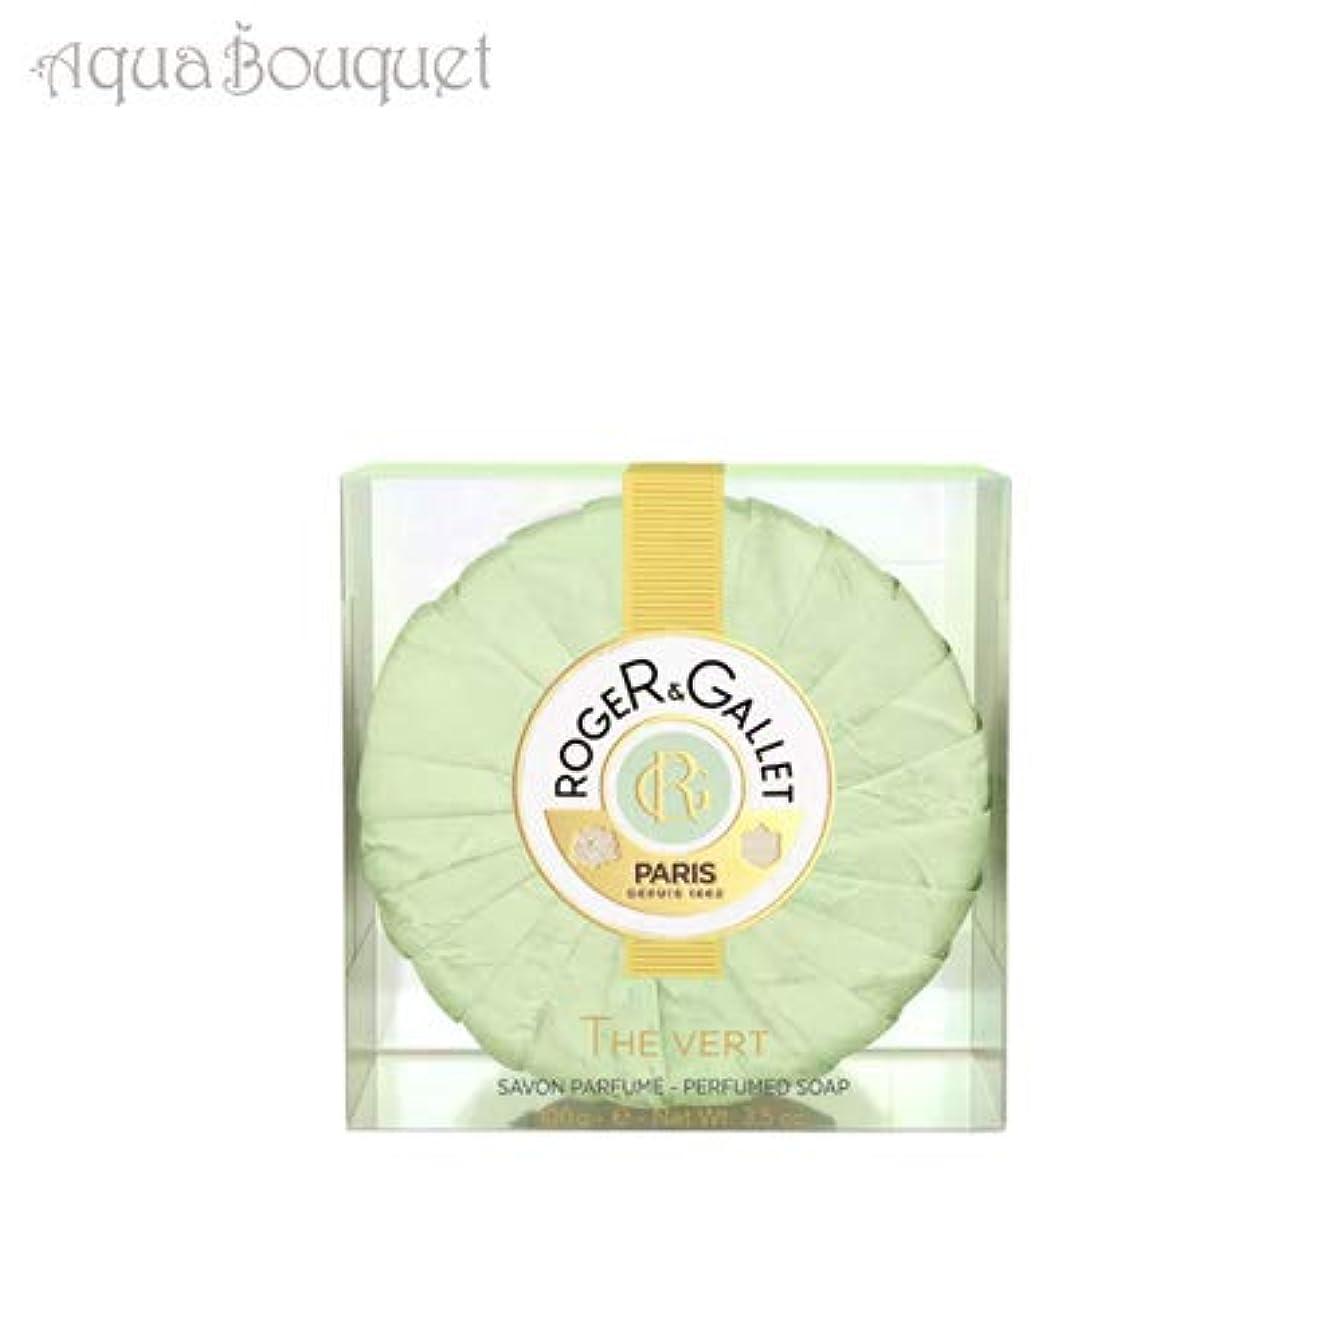 おとこ祭司灌漑ロジェガレ グリーンティー ソープ(オーデ テ ヴェール) 香水石鹸 100g ROGER&GALLET EAU DE THE VERT (GREEN TEA) SOAP [9920] [並行輸入品]